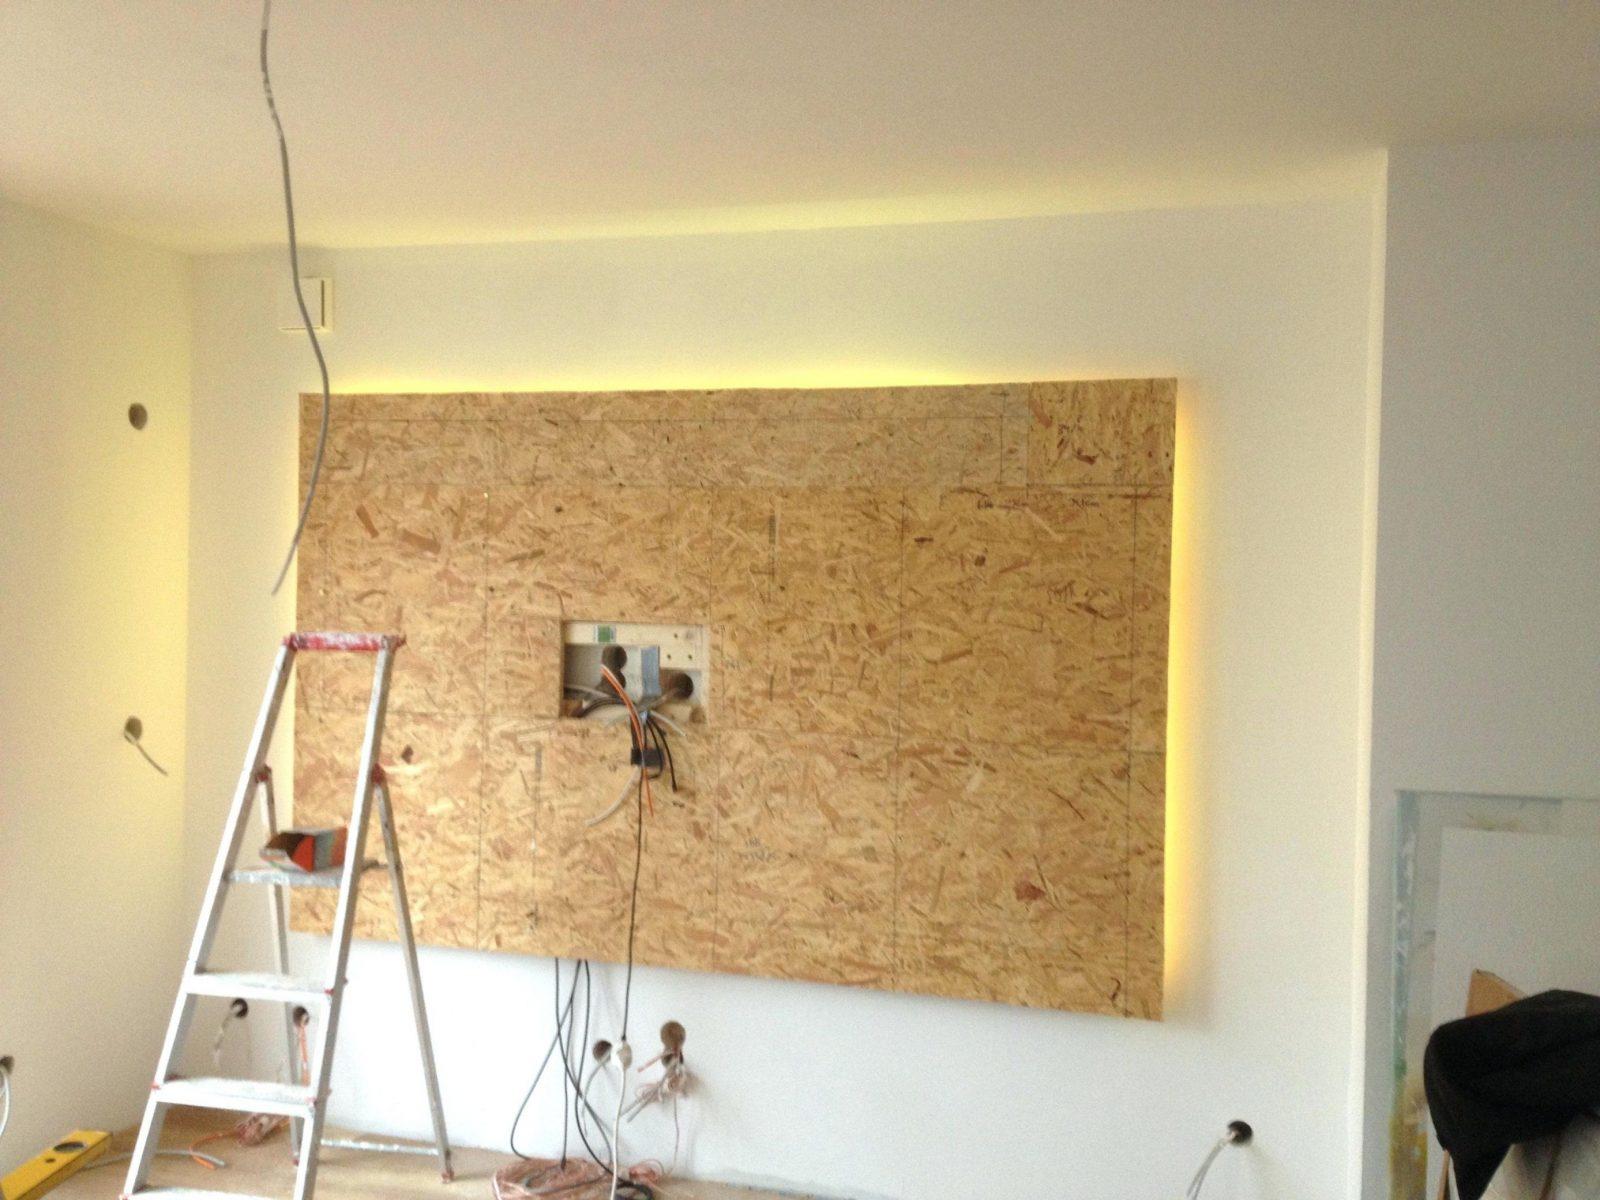 Decke Indirekte Beleuchtung Bild Von Selber Bauen A Trockenbau Led von Indirekte Beleuchtung Selber Bauen Wand Photo